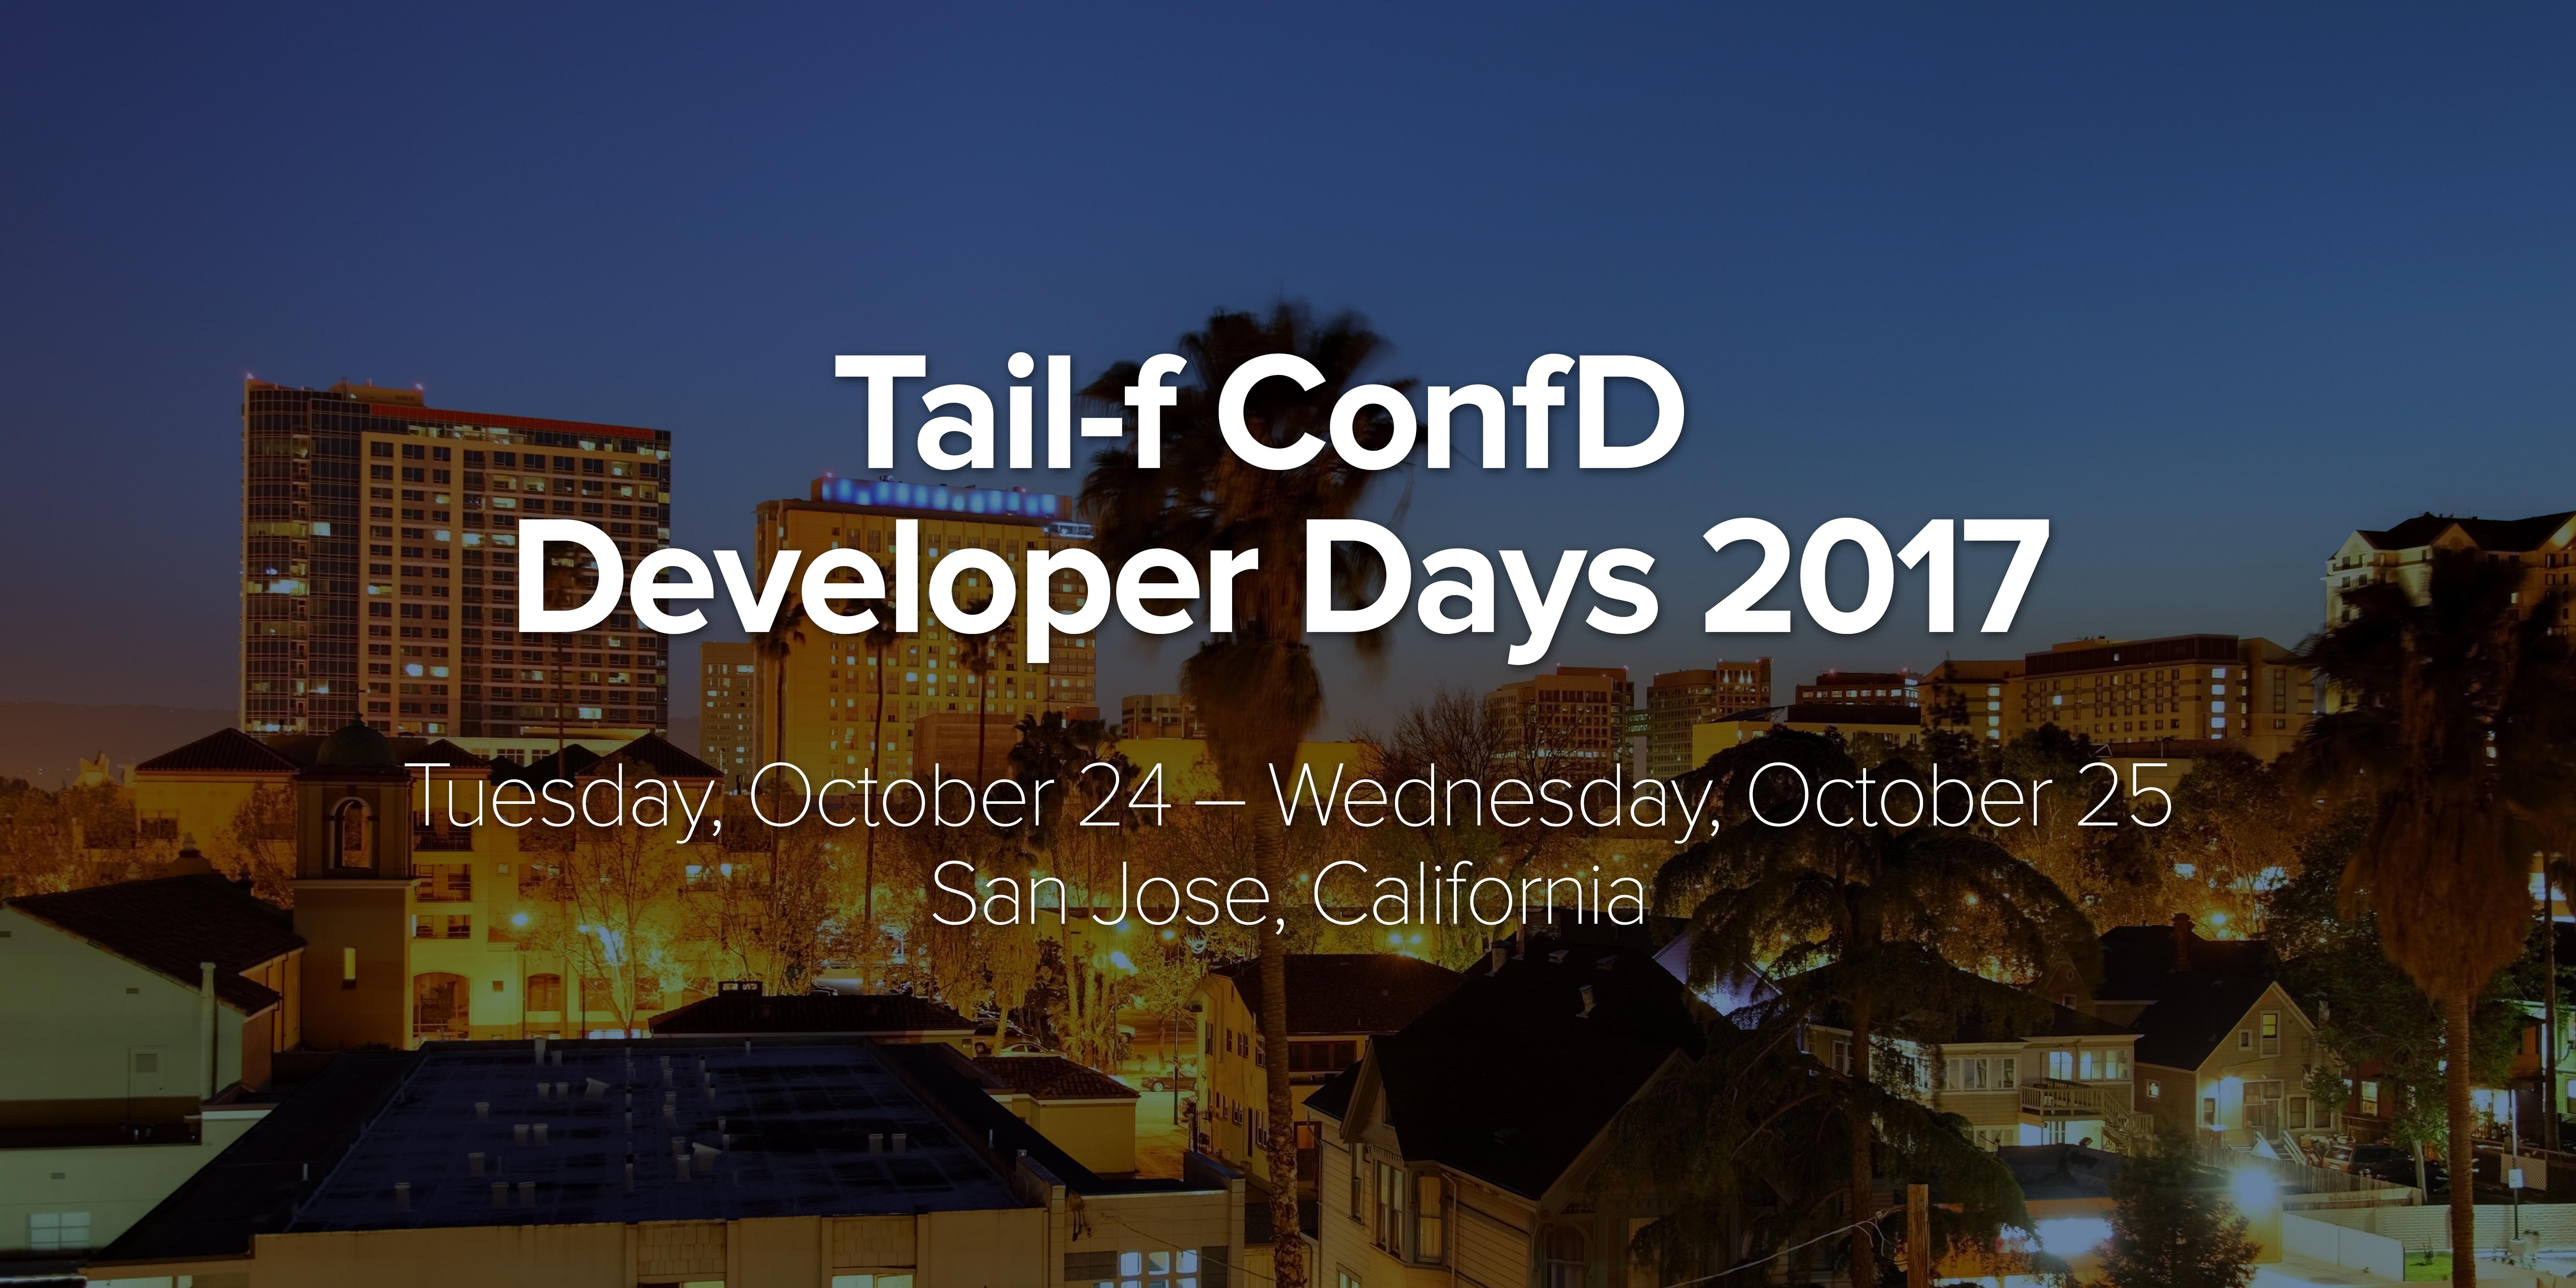 tail-f_DevDays_sitebanner_2017-07-18.jpg